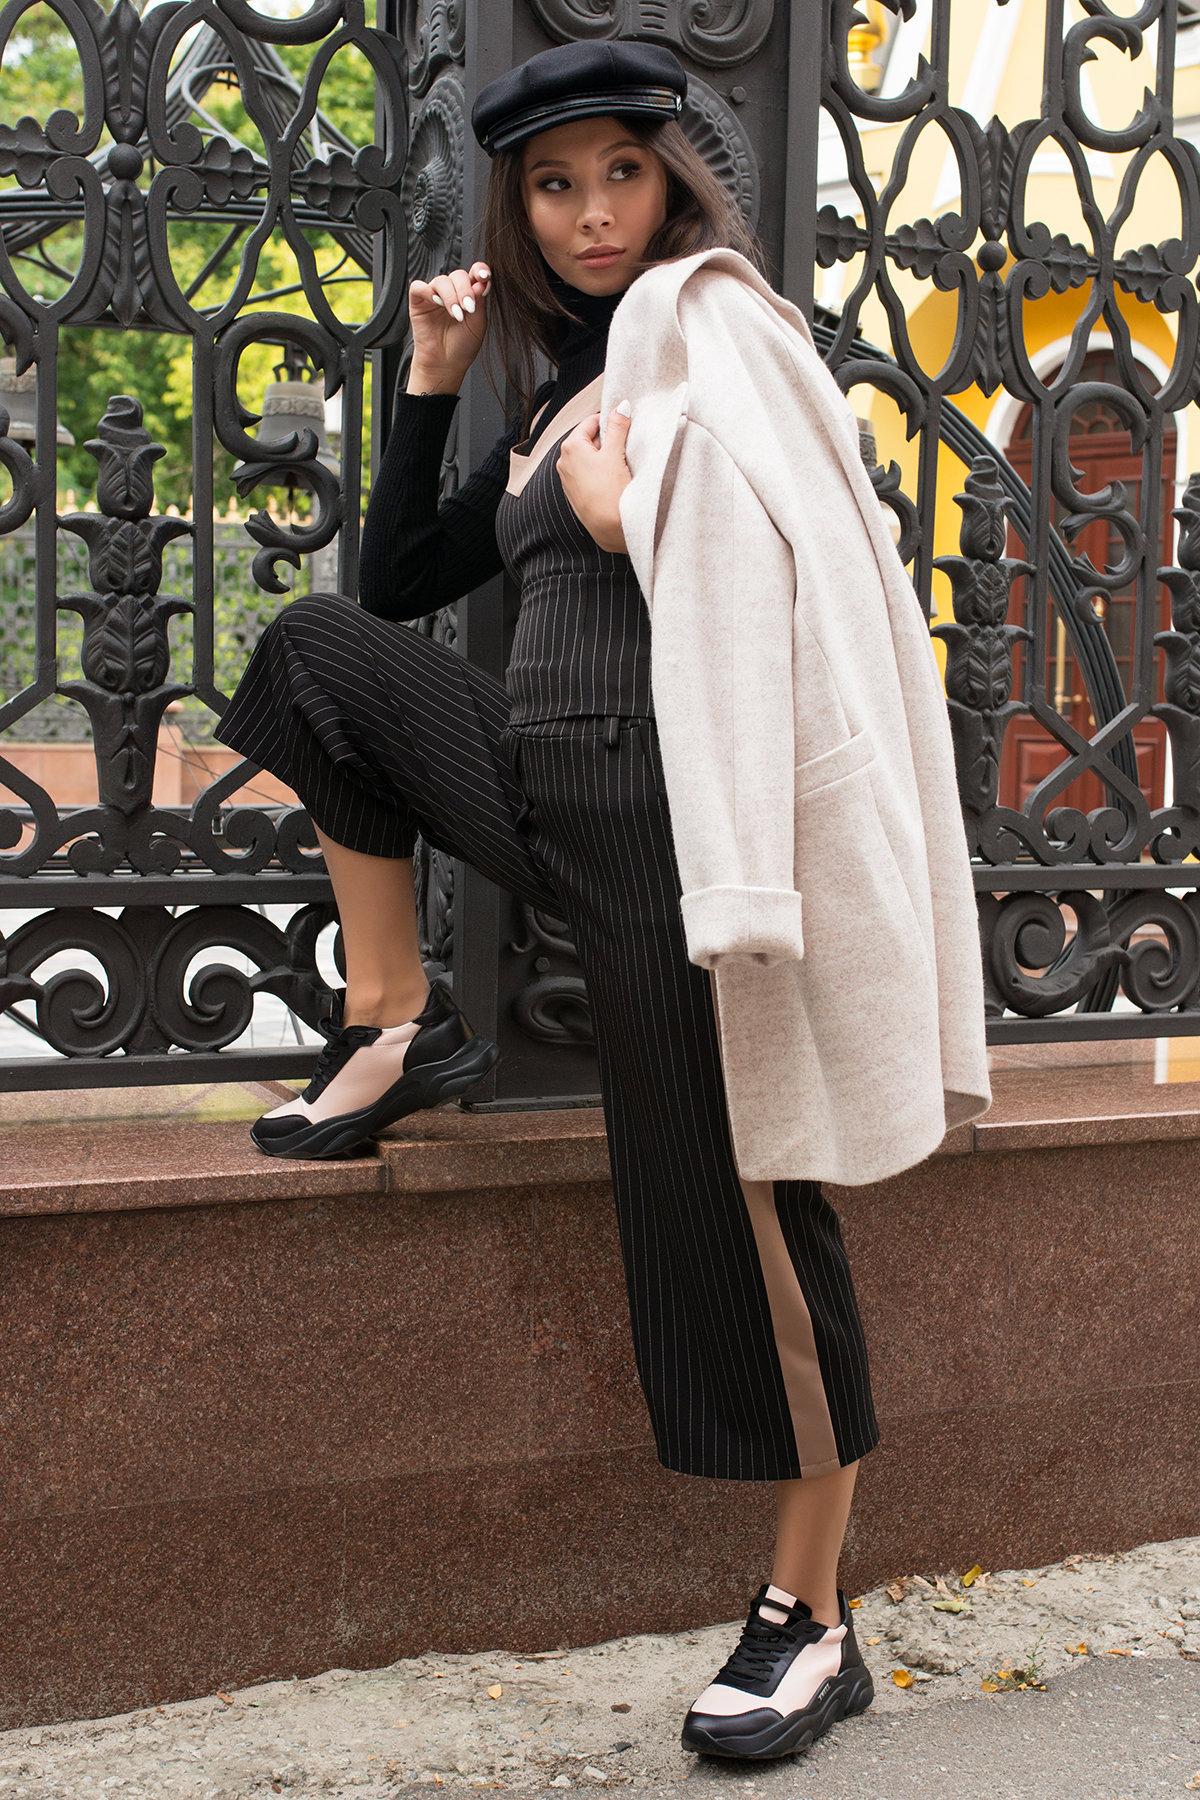 Костюм-тройка Канто 7920 АРТ. 43883 Цвет: Полоска тон чер-бел/т.беж - фото 12, интернет магазин tm-modus.ru